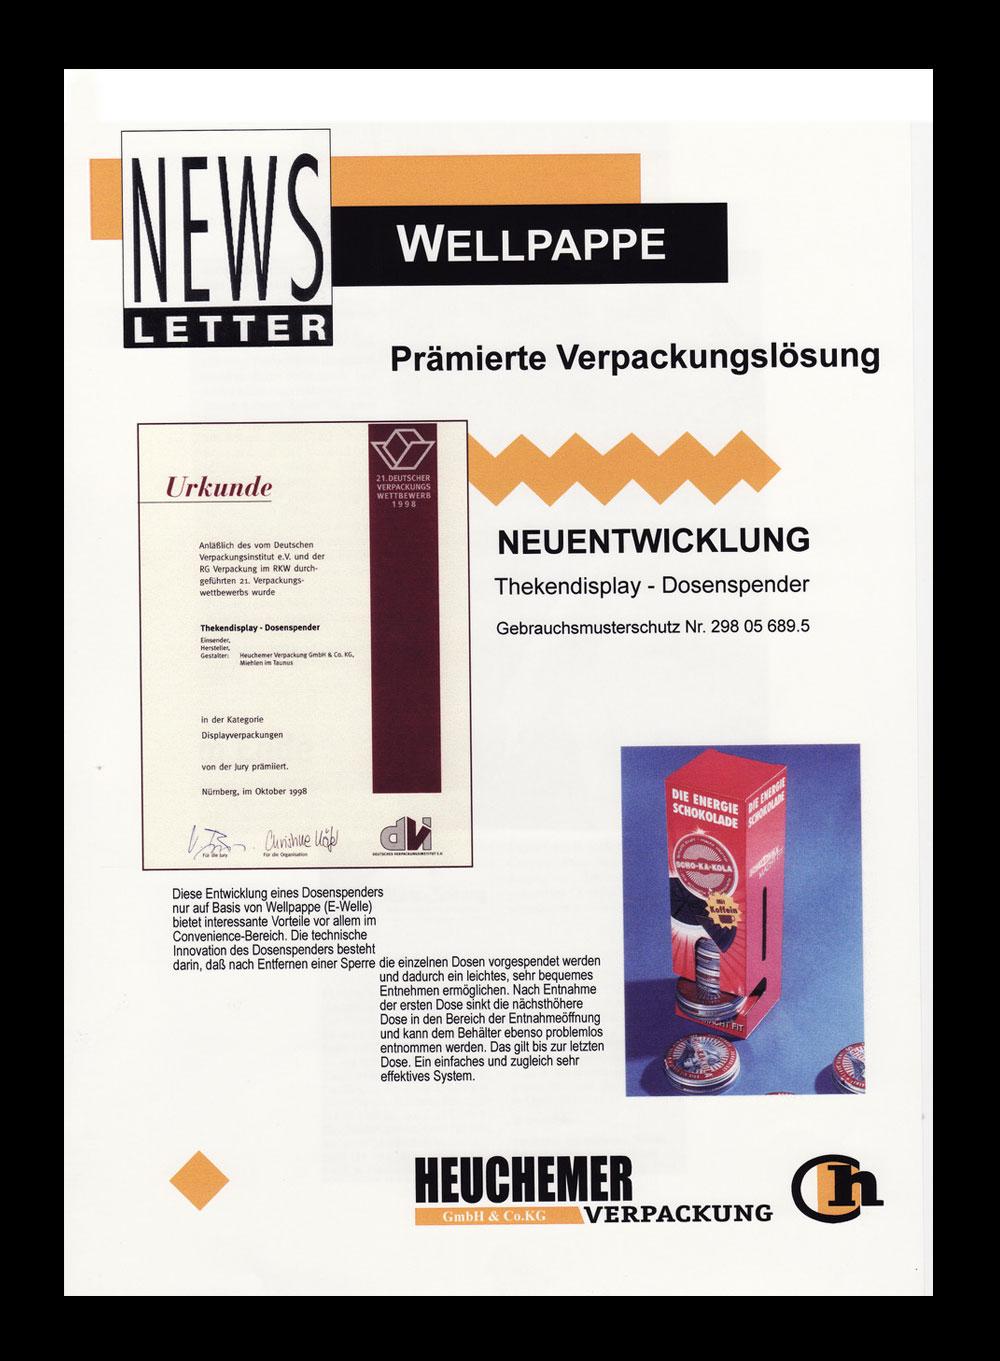 HEUCHEMER VERPACKUNG || Prämierte Verpackungslösung aus Wellpappe 1990 - Thekendisplay - Dosenspender